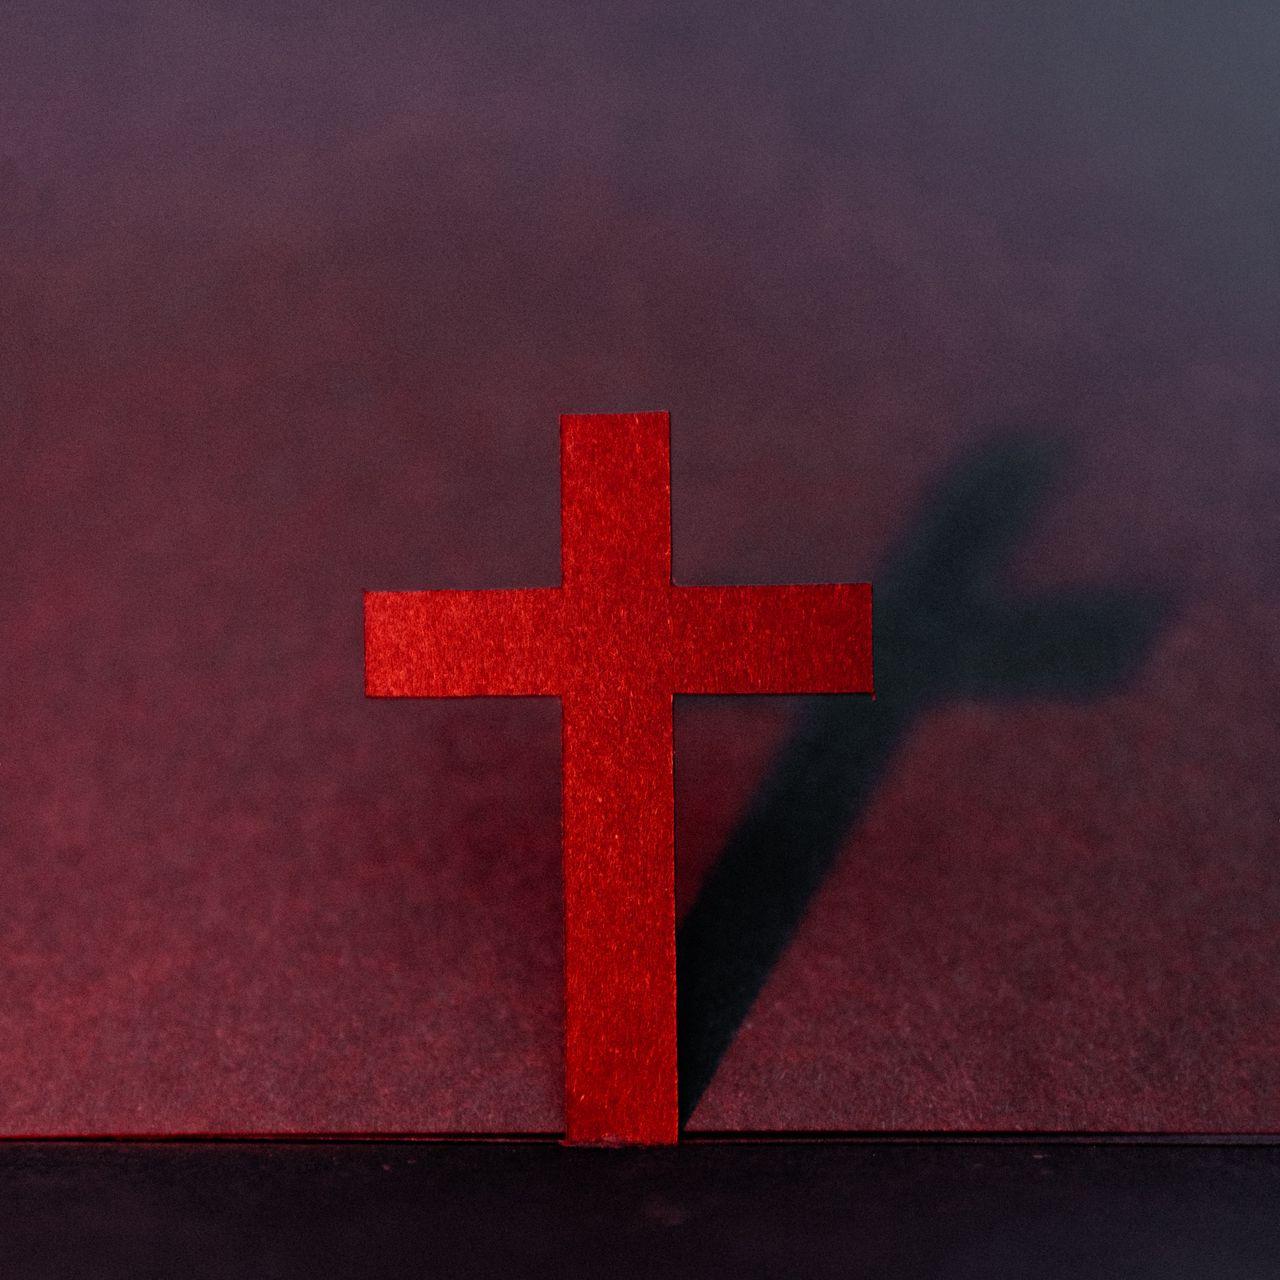 1280x1280 Wallpaper cross, religion, god, red